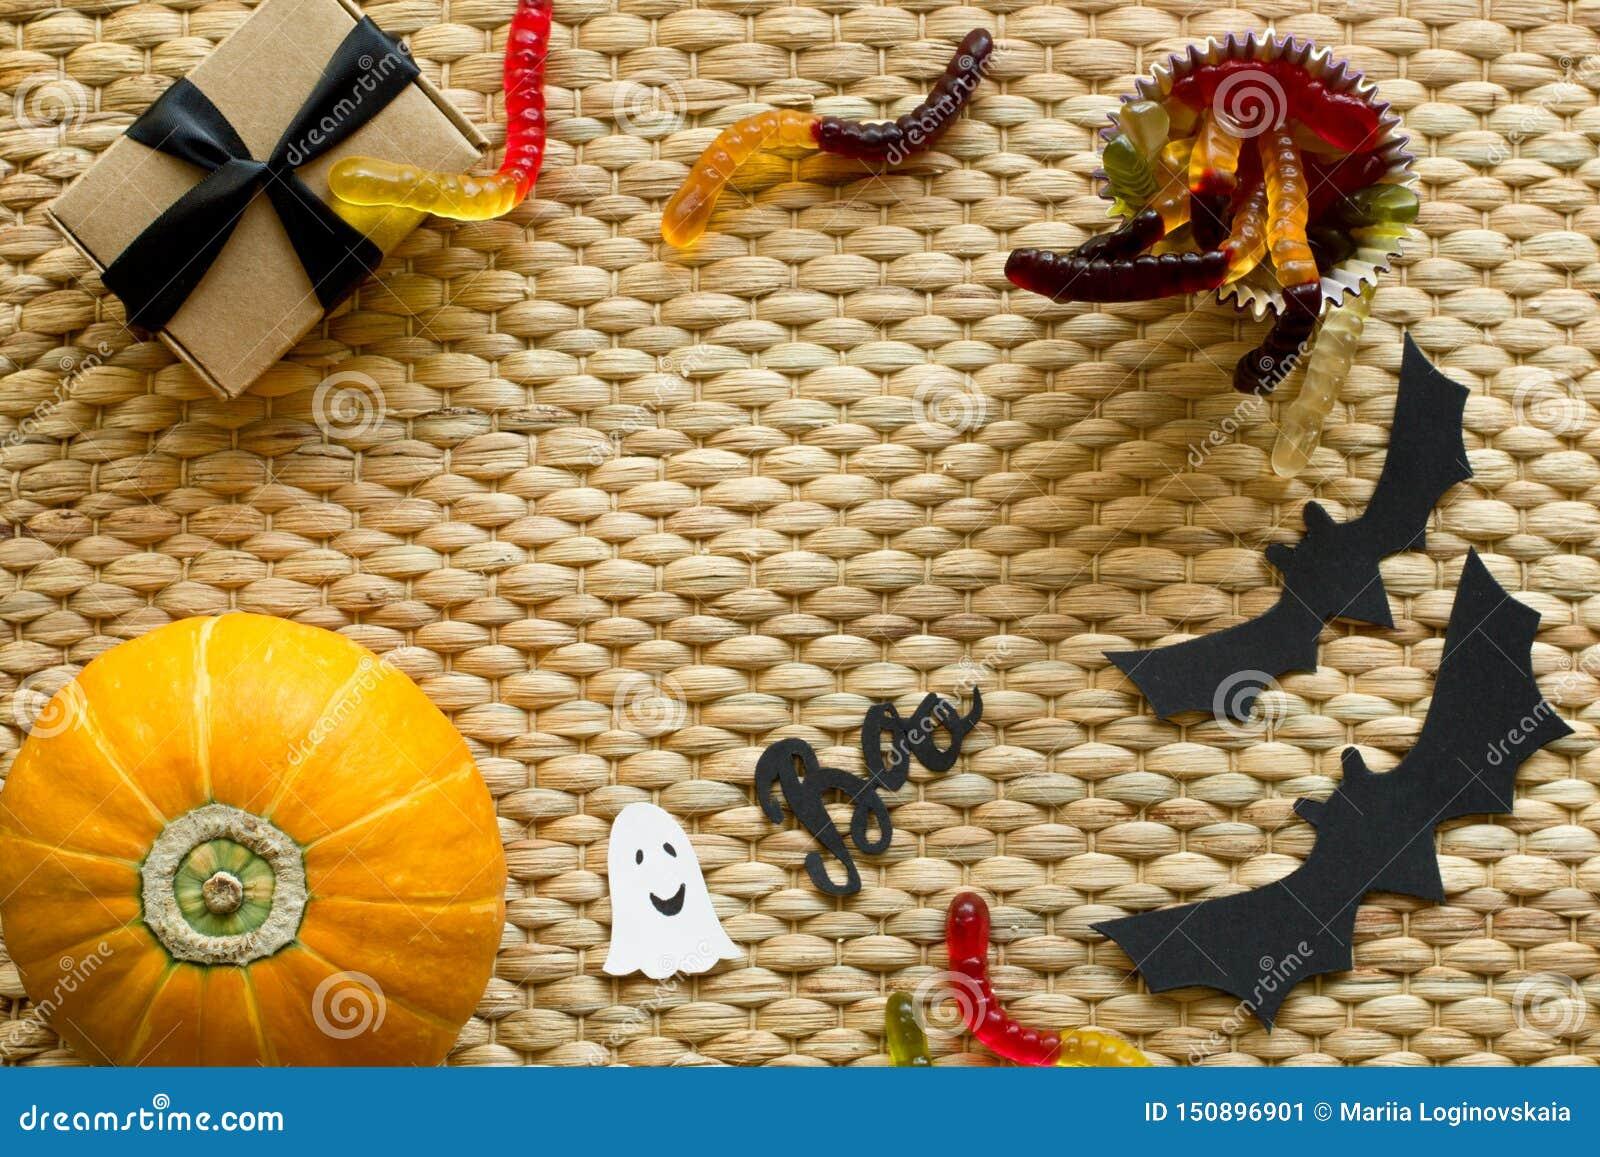 万圣节假日背景用南瓜,蠕虫糖果,鬼魂,棒,礼物盒